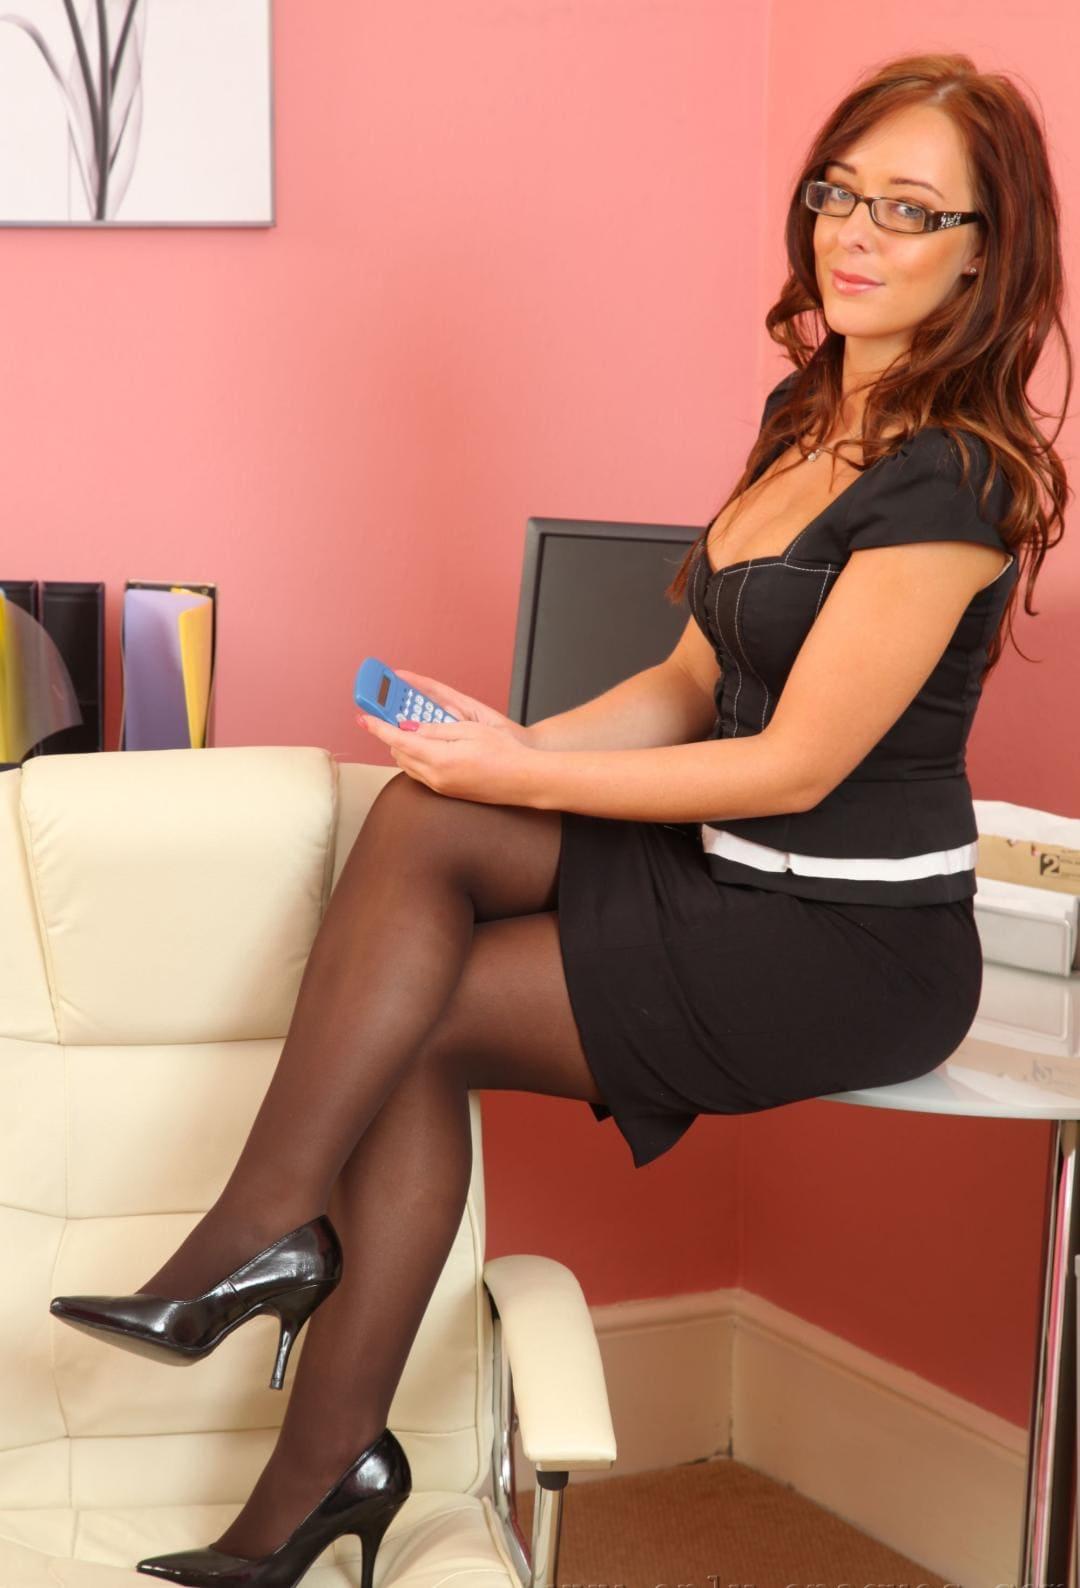 рыжая зрелая дама в очках в коротком черном платье сидит на столе ножки в колготках на каблуках поставила на кресло